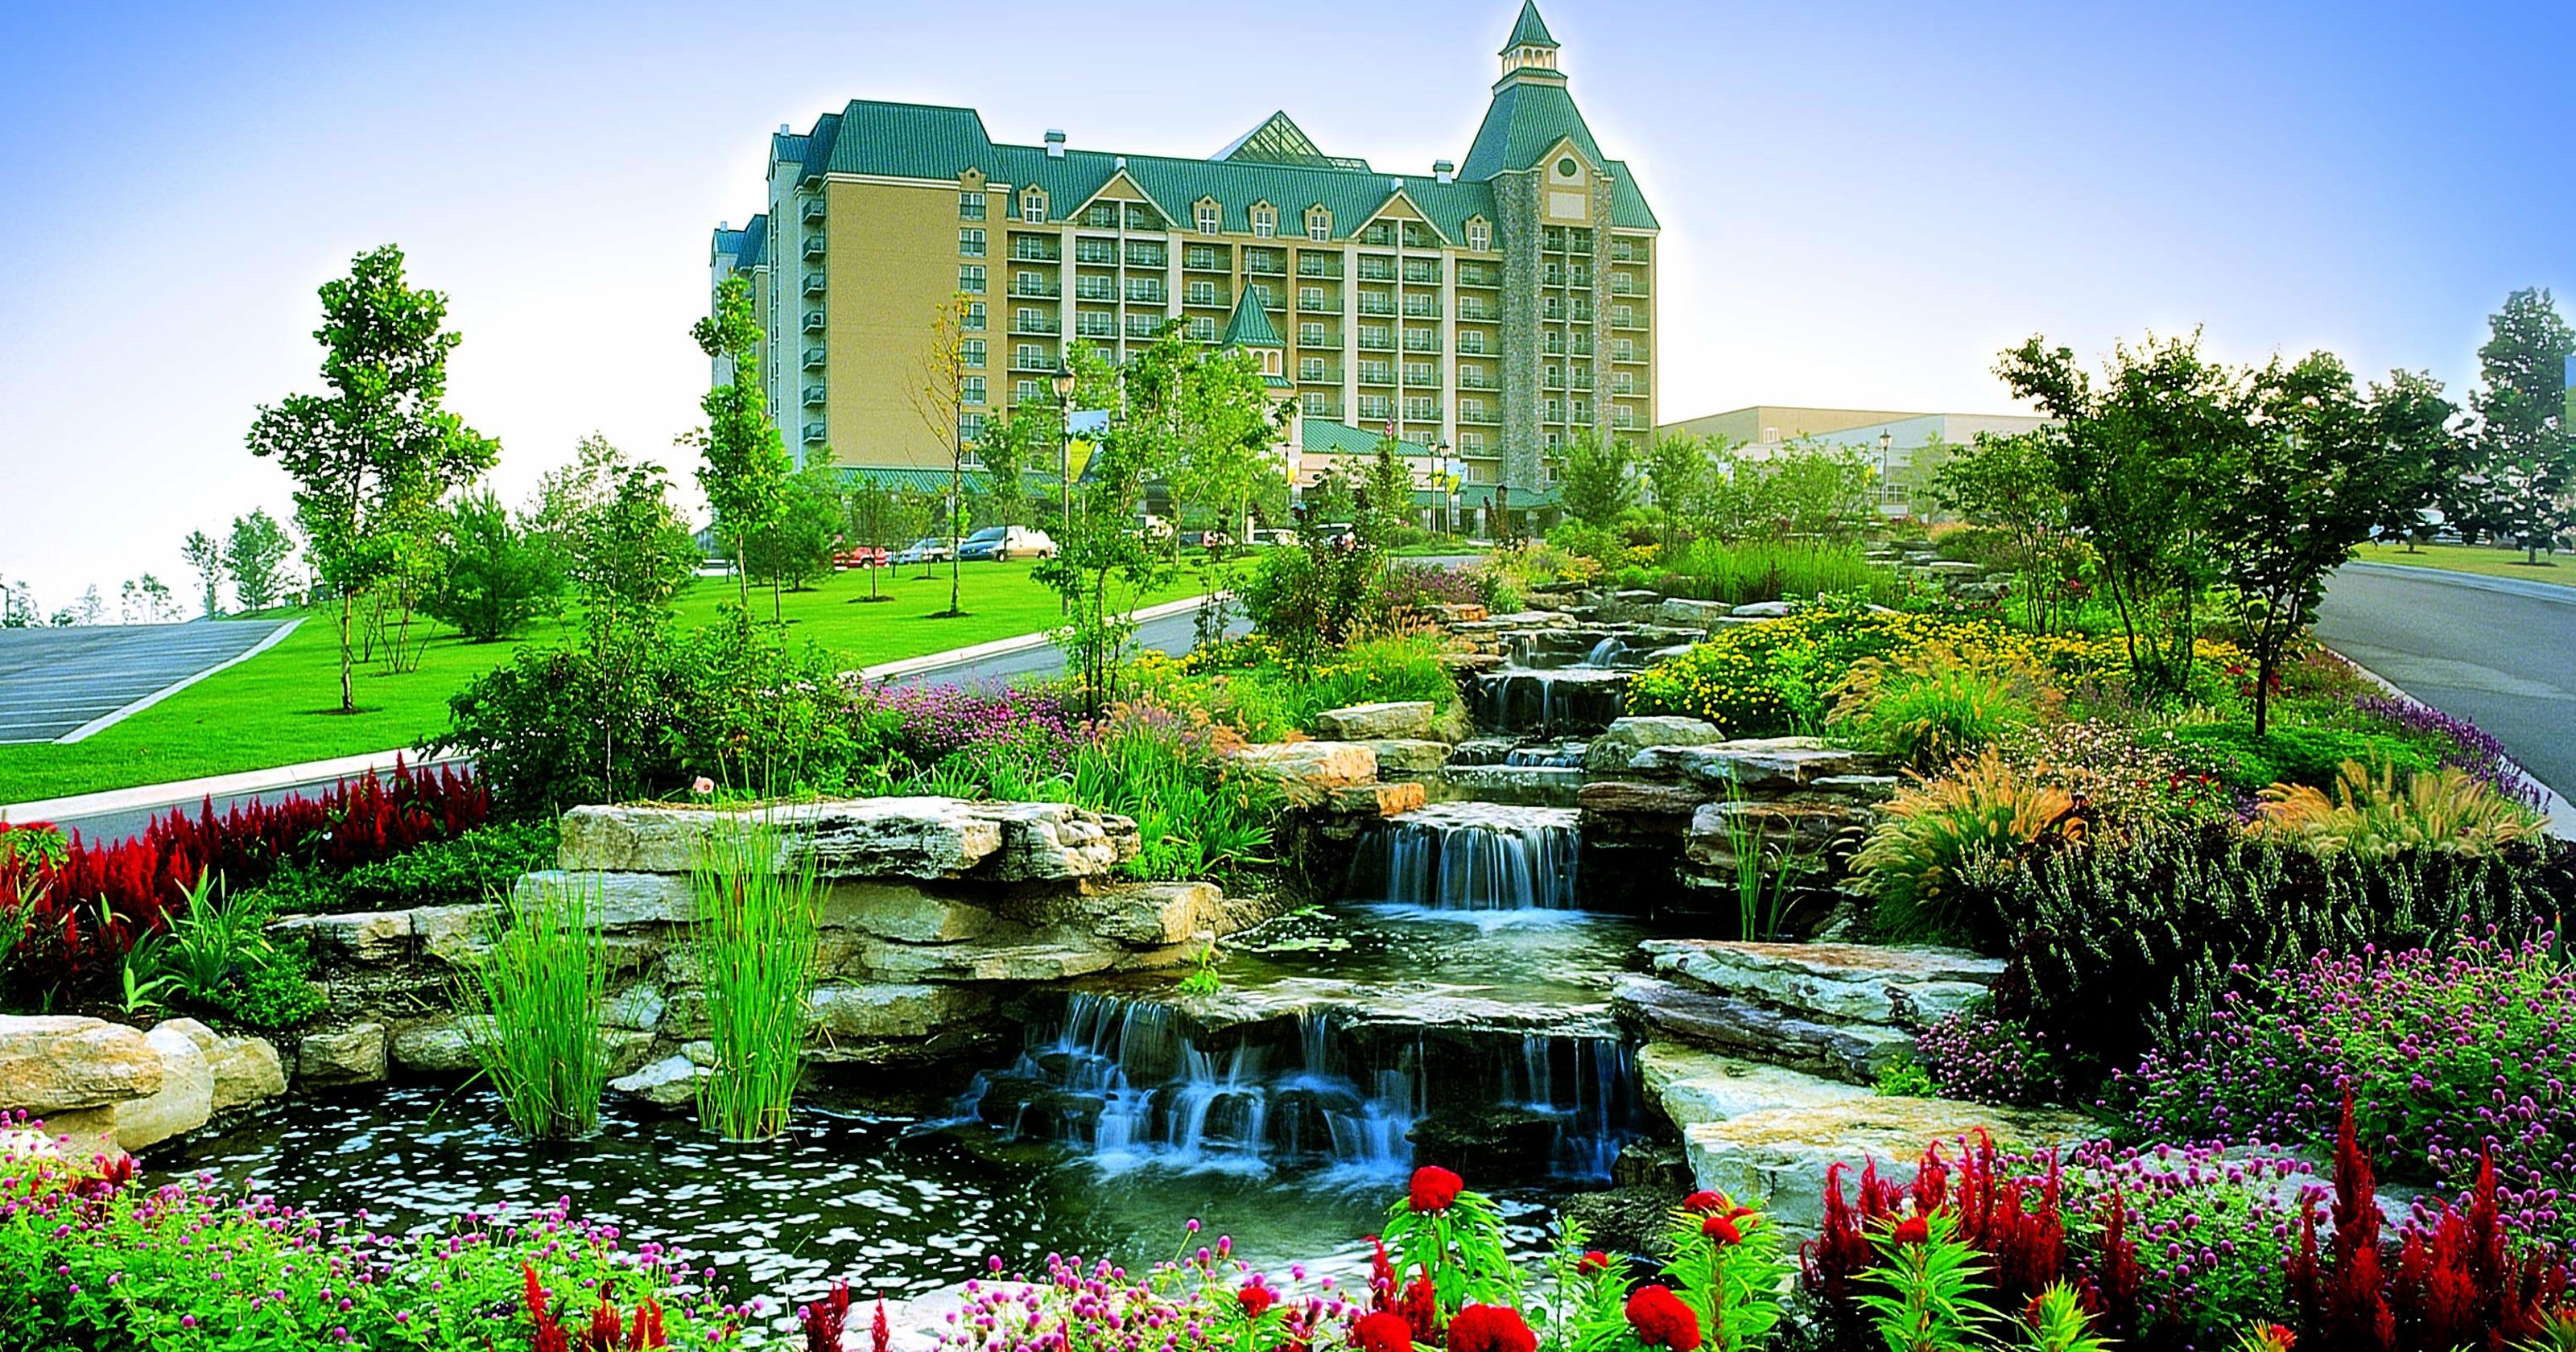 Missouri's 'Best Hotel' Found In Branson